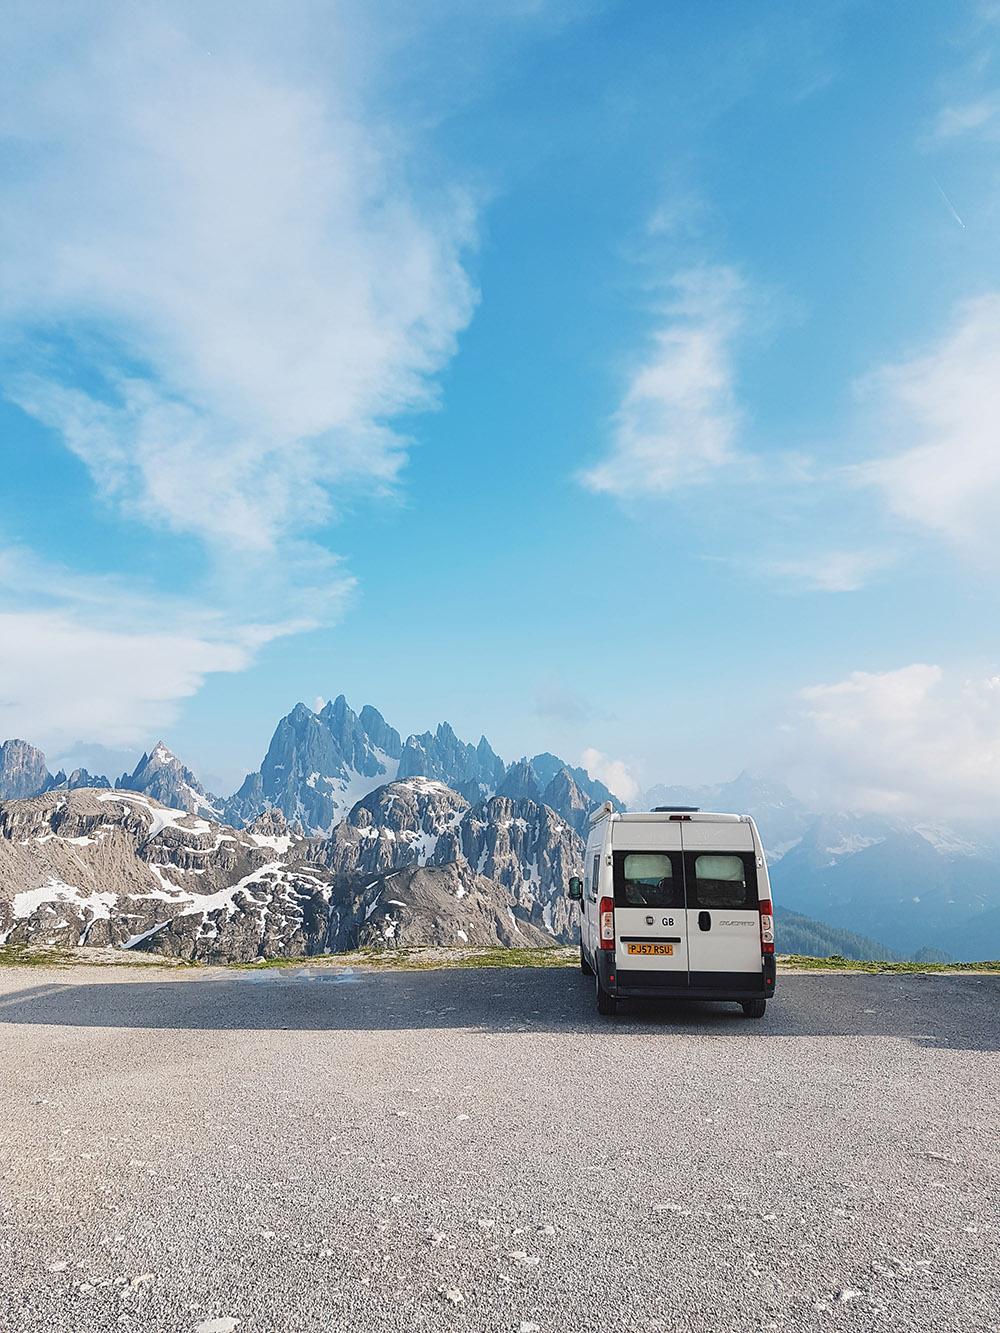 Campervan at the top of Tre Cime di Lavaredo in the Dolomites